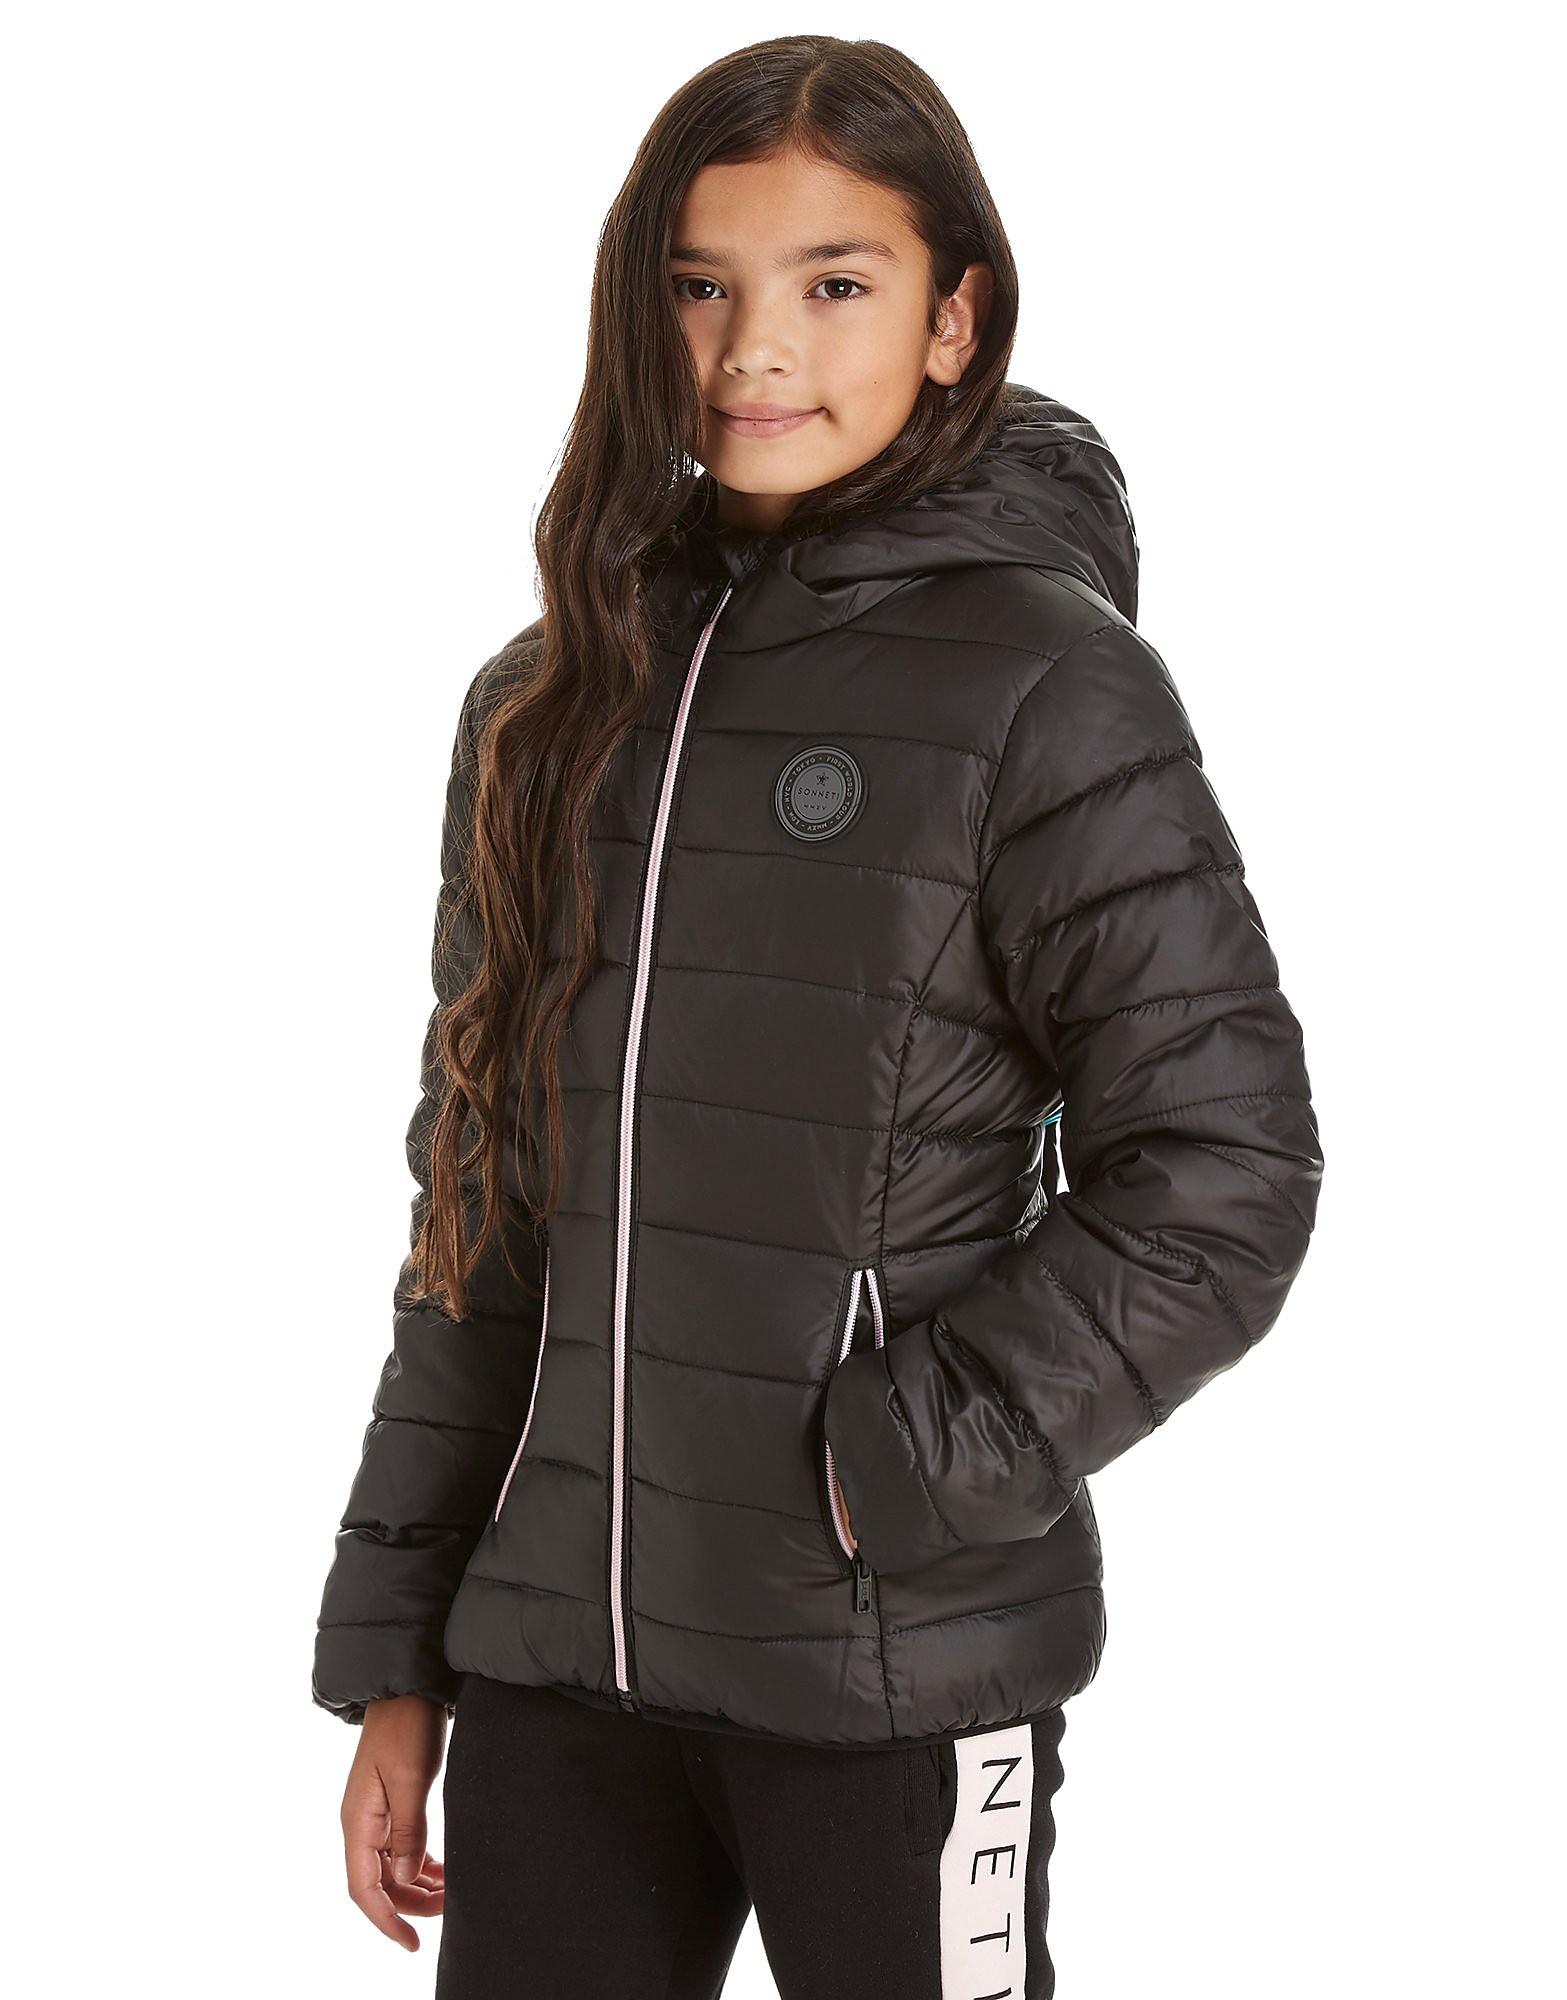 Sonneti Girls' Stella Jacket Junior